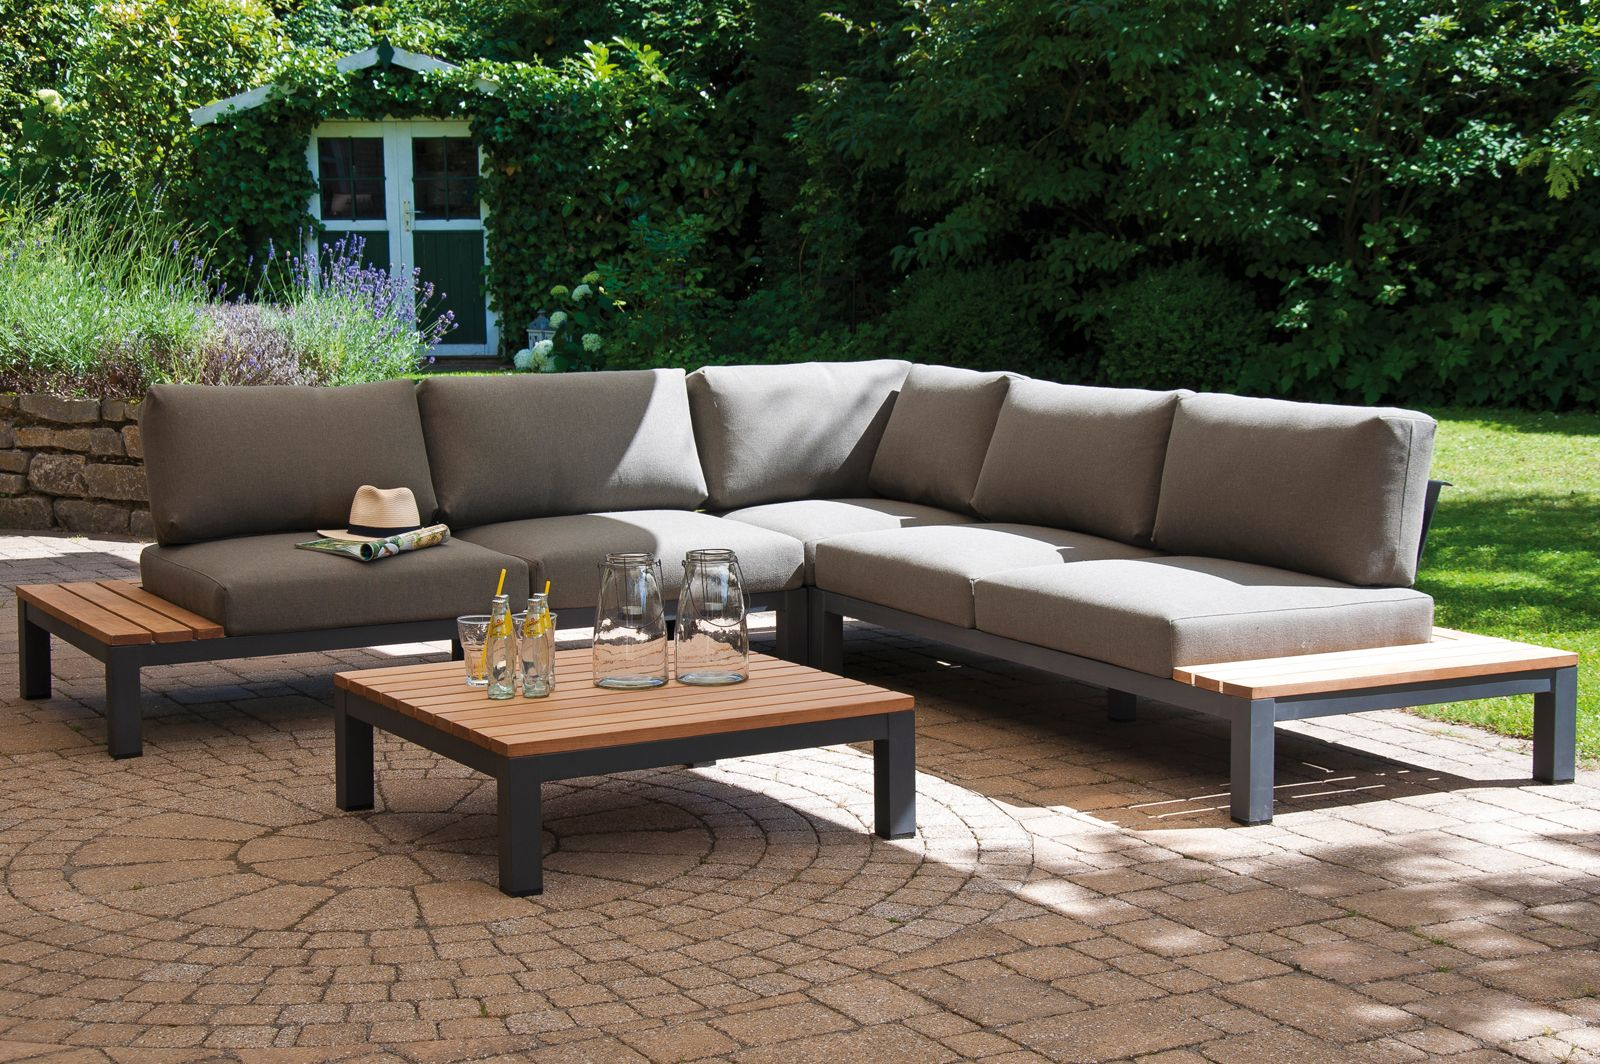 Full Size of Loungemöbel Garten Holz Alu Fenster Günstig Aluminium Verbundplatte Küche Aluplast Preise Wohnzimmer Loungemöbel Alu